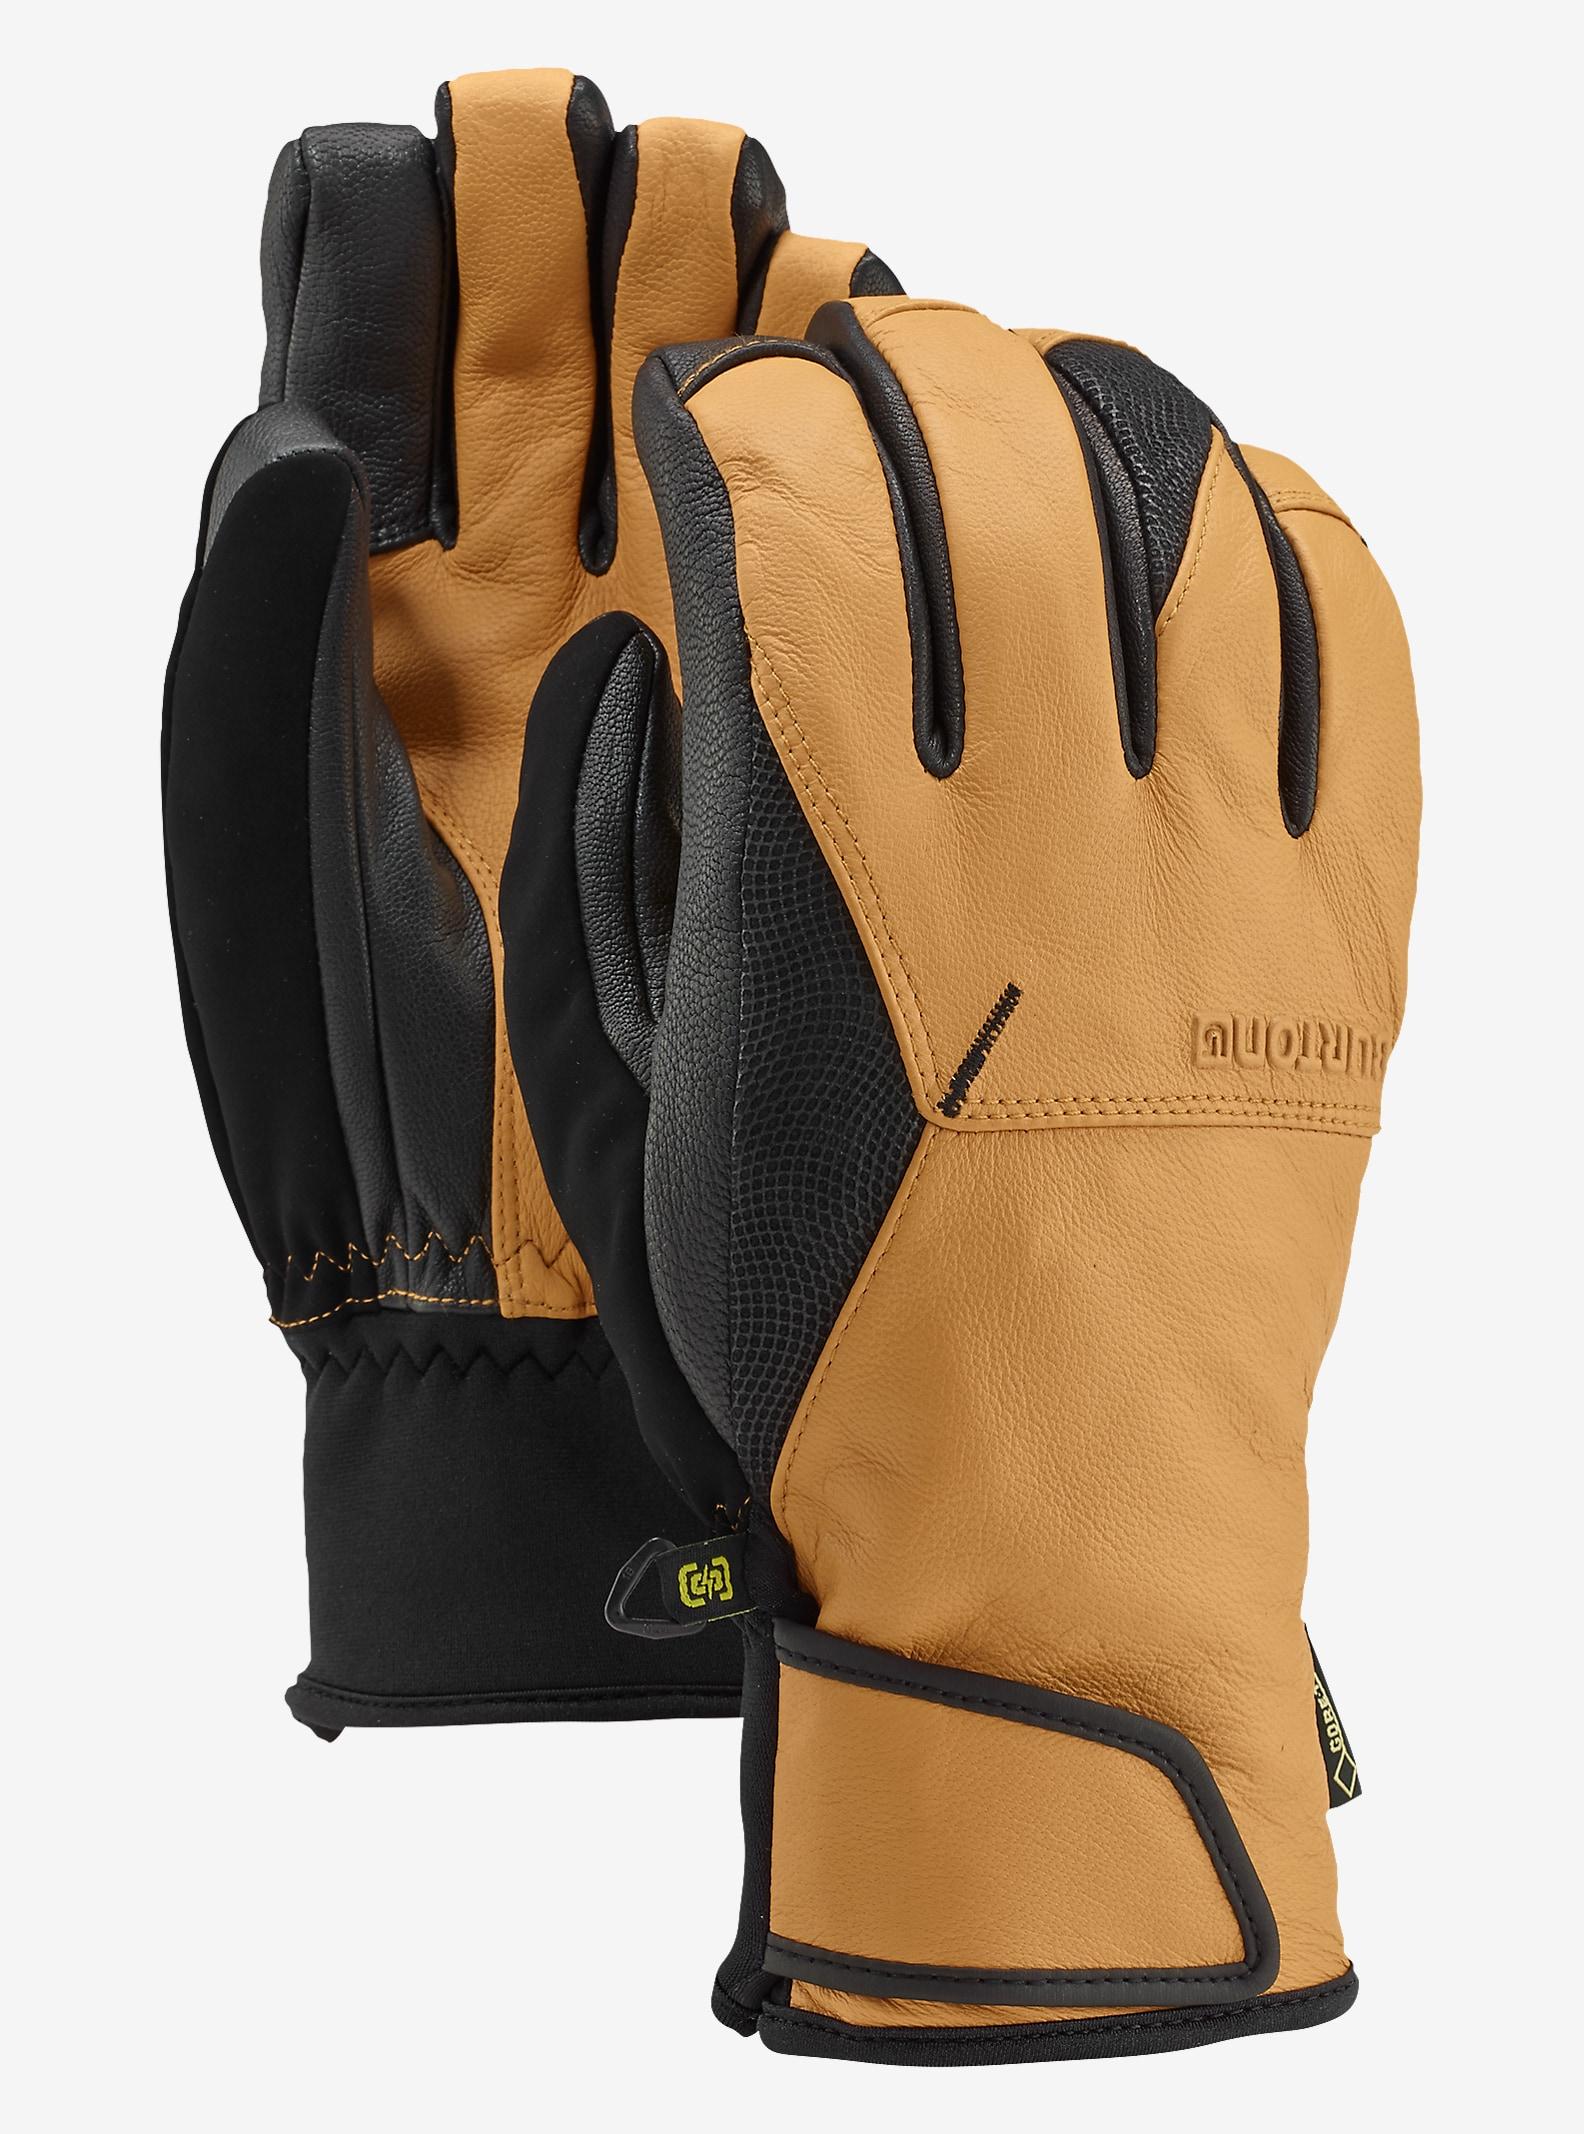 Burton Gondy GORE-TEX® Leather Glove shown in Raw Hide